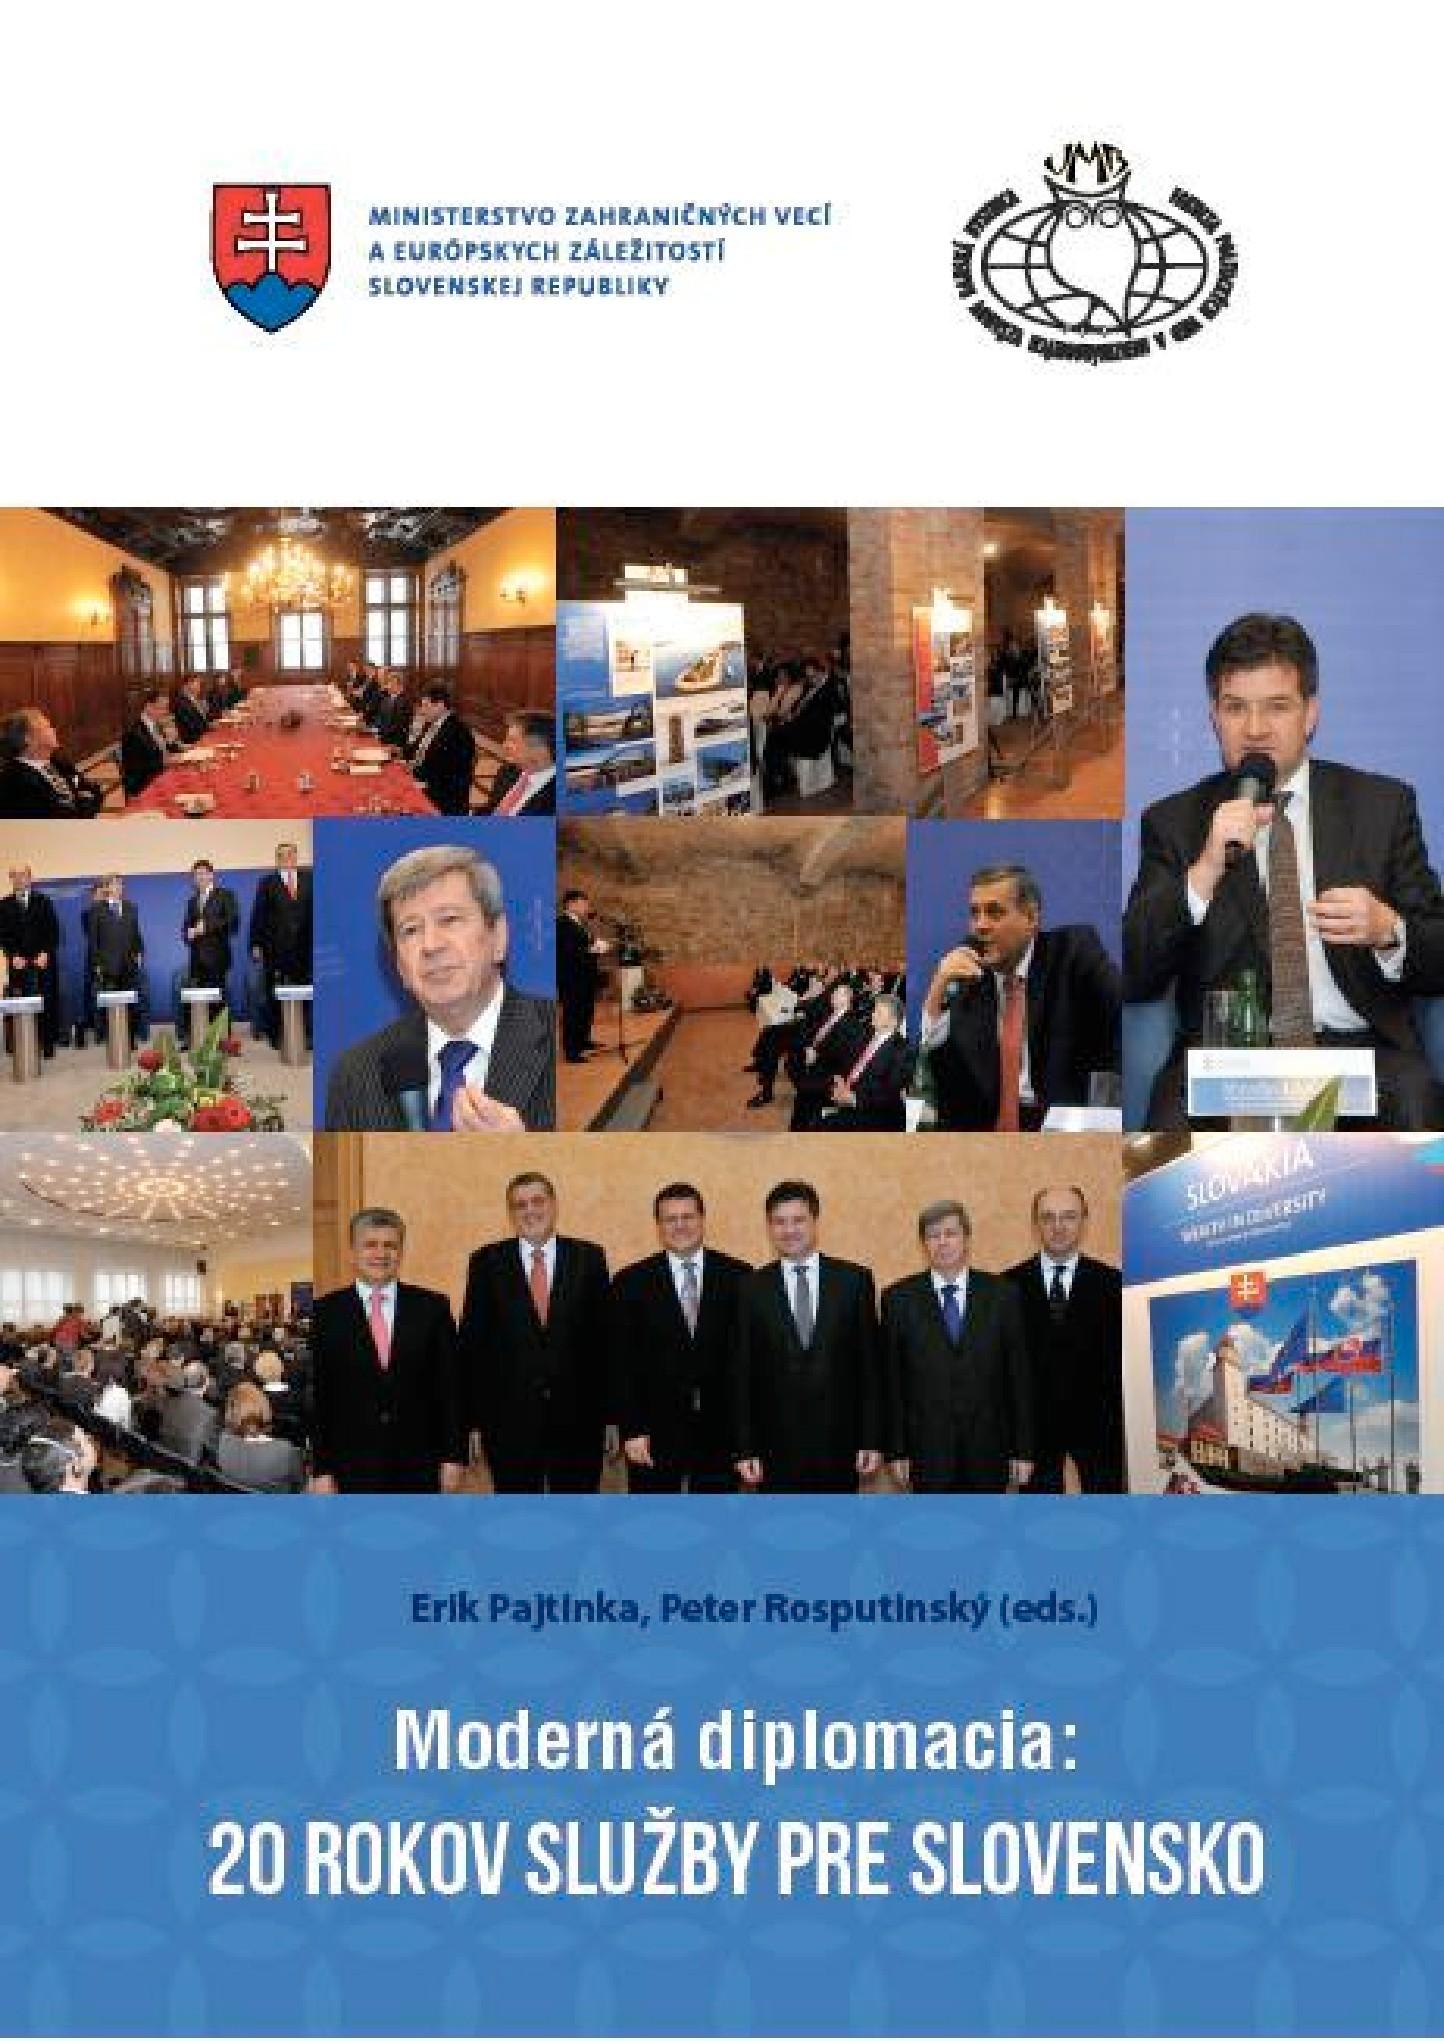 Moderná diplomacia: 20 rokov služby pre Slovensko.